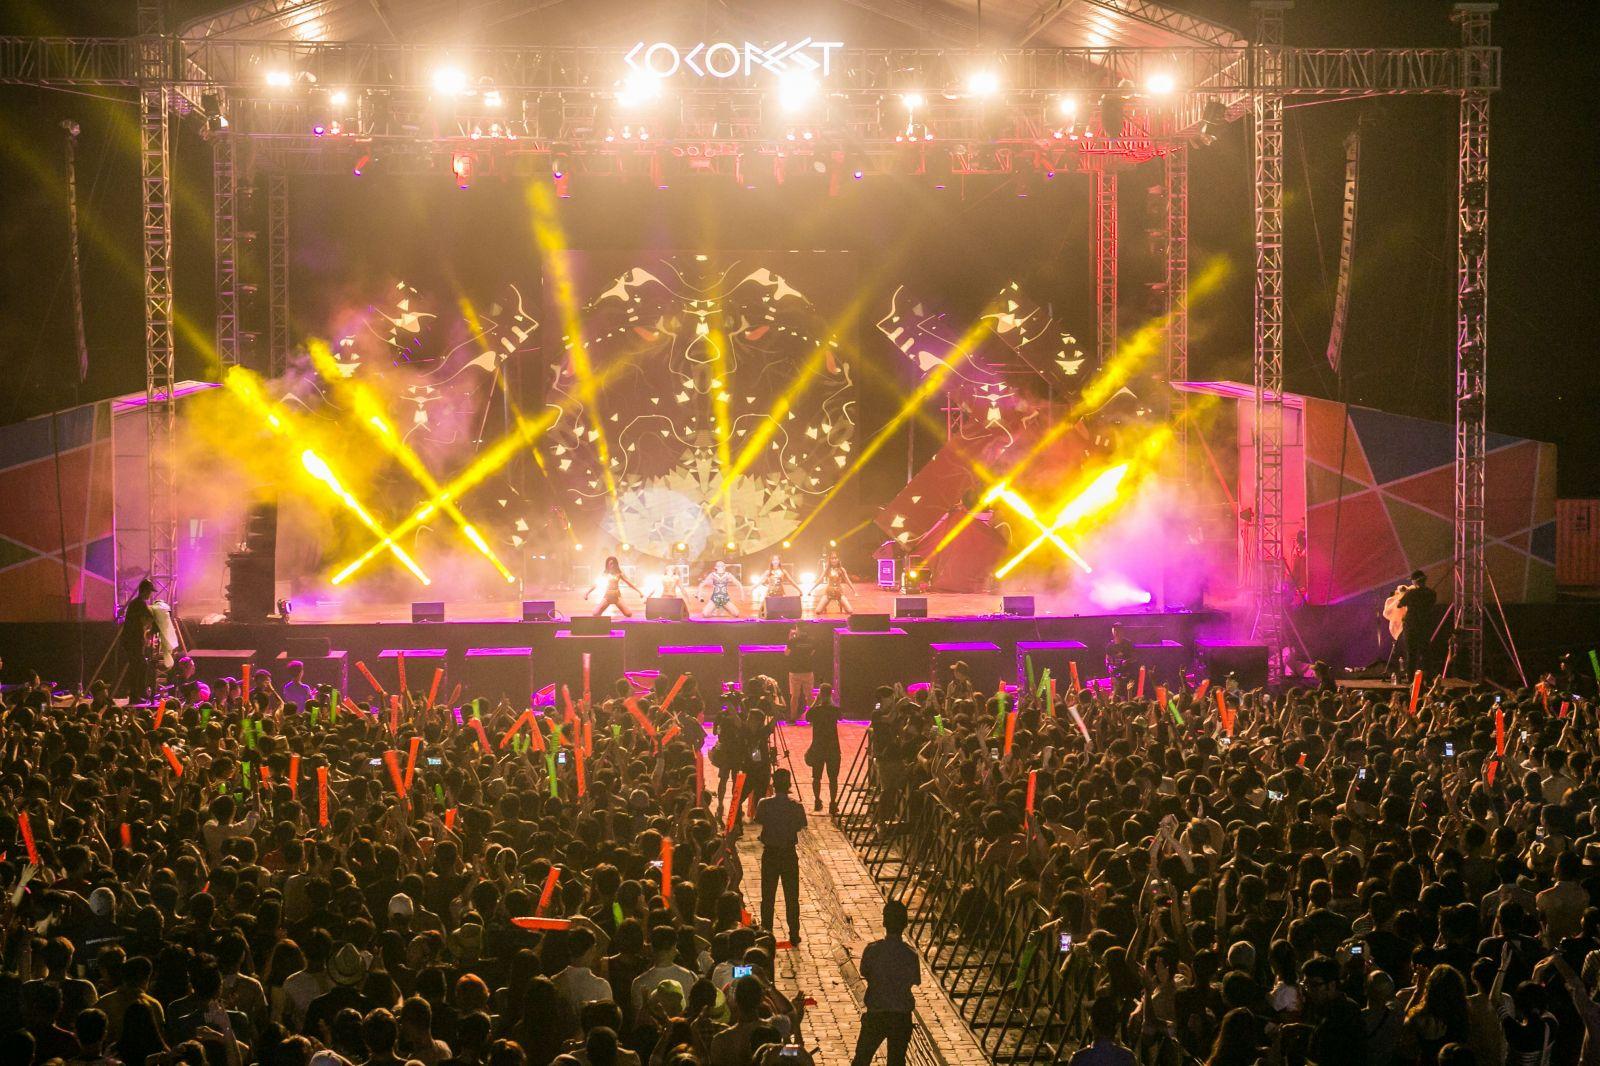 Lễ hội Cocofest sẽ diễn ra thường niên tại Cocobay vào